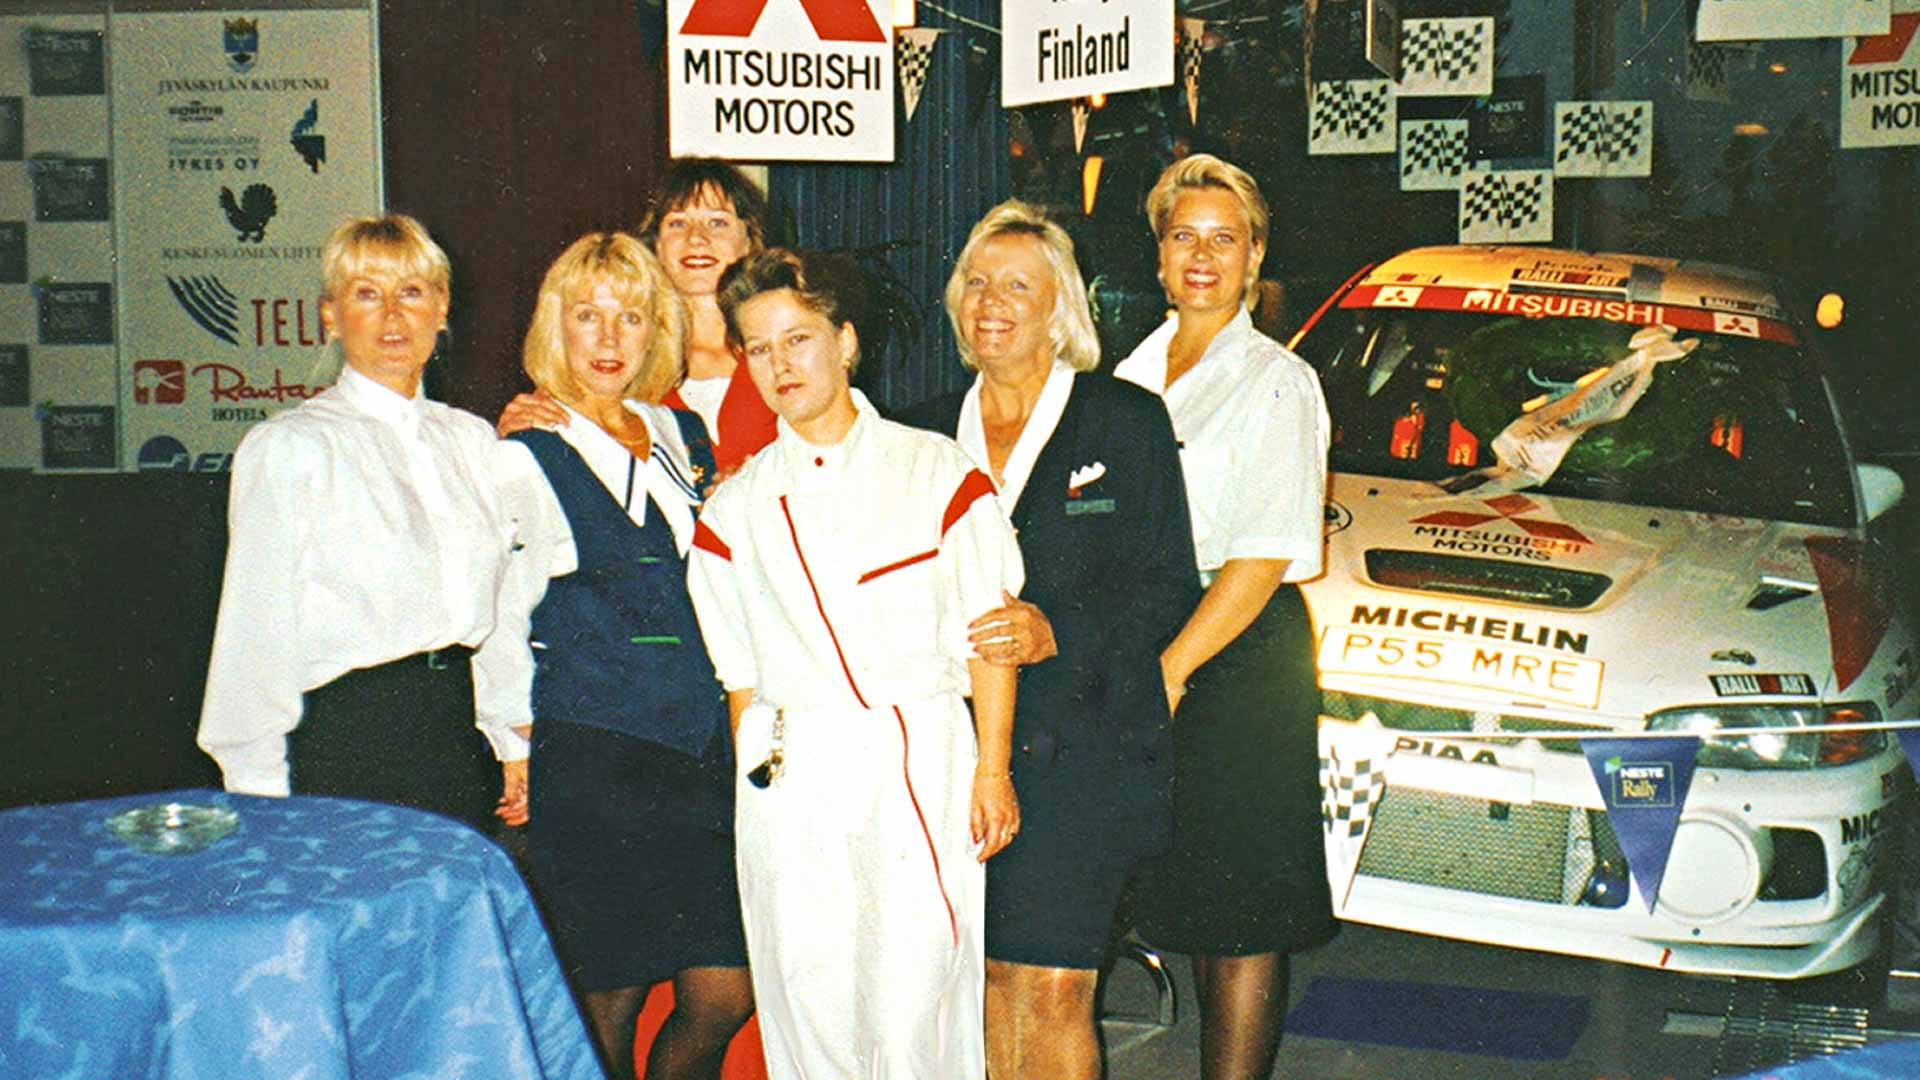 Kuvasta vuosien takaa löytyvät eturivistä vasemmalta Marita Mäkeläinen, Tanja Helin, Tiina Suhonen ja Leena Närä sekä kaksi rallien kausityöntekijää.